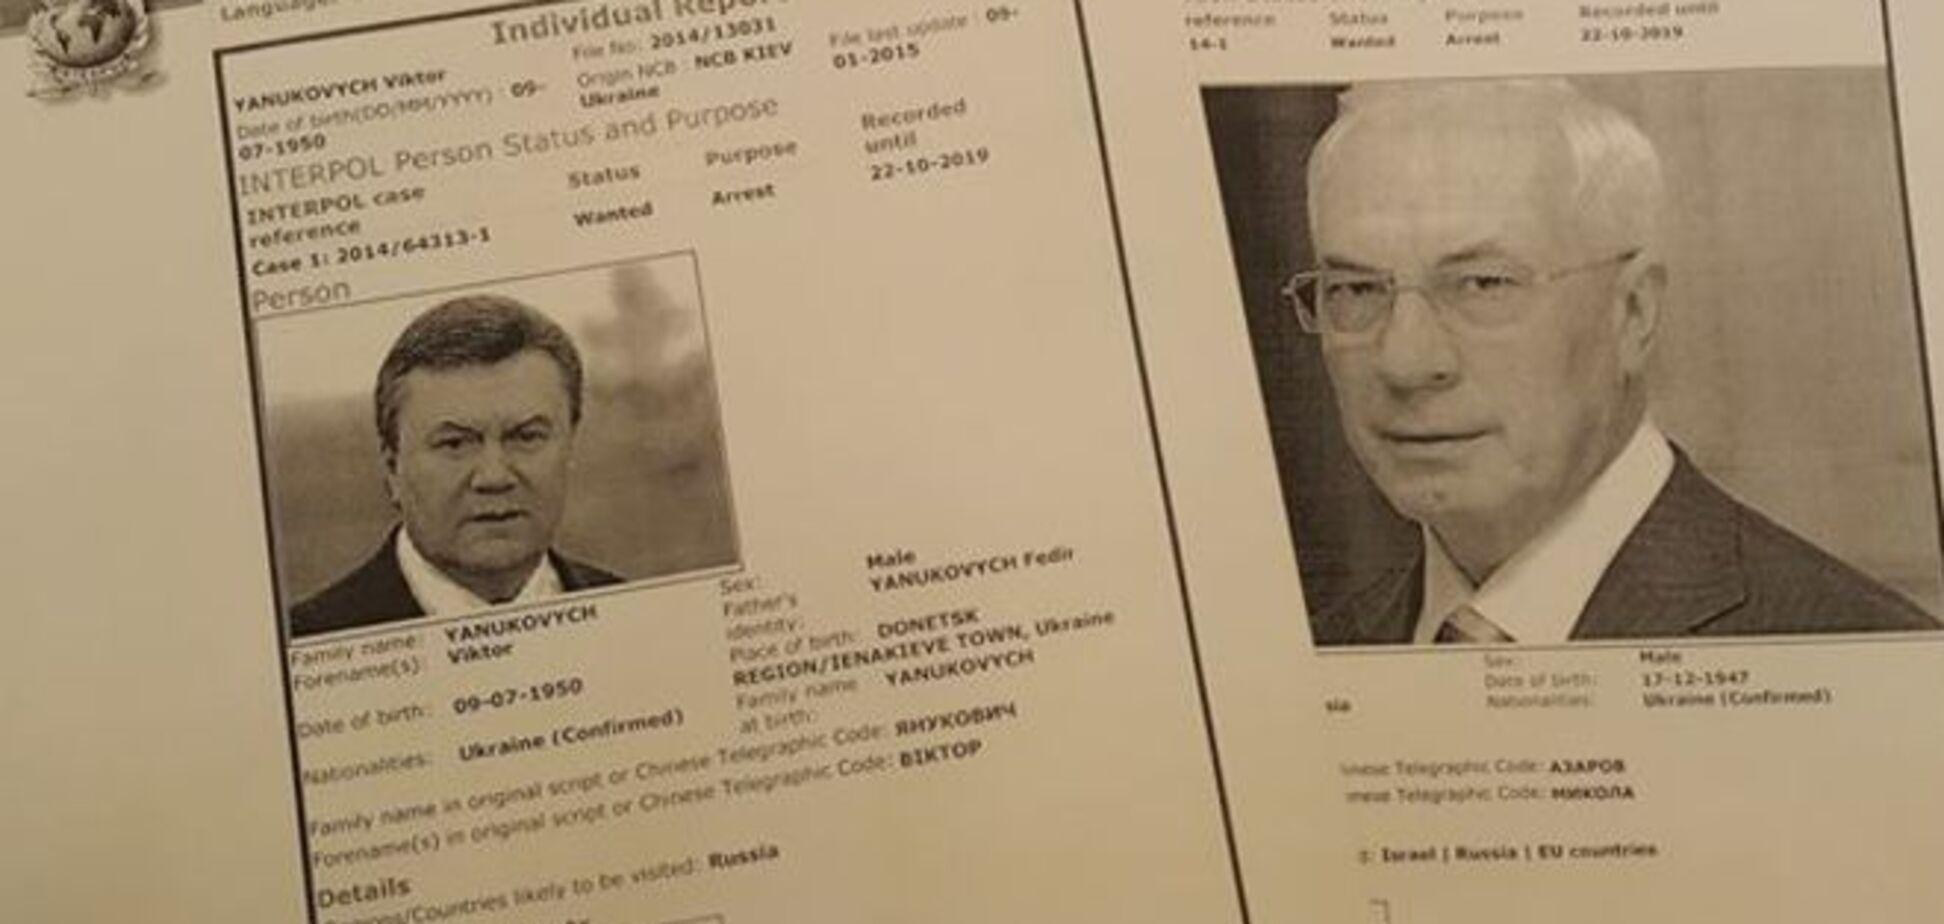 Интерпол, наконец, объявил в международный розыск Януковича, Азарова и Богатыреву